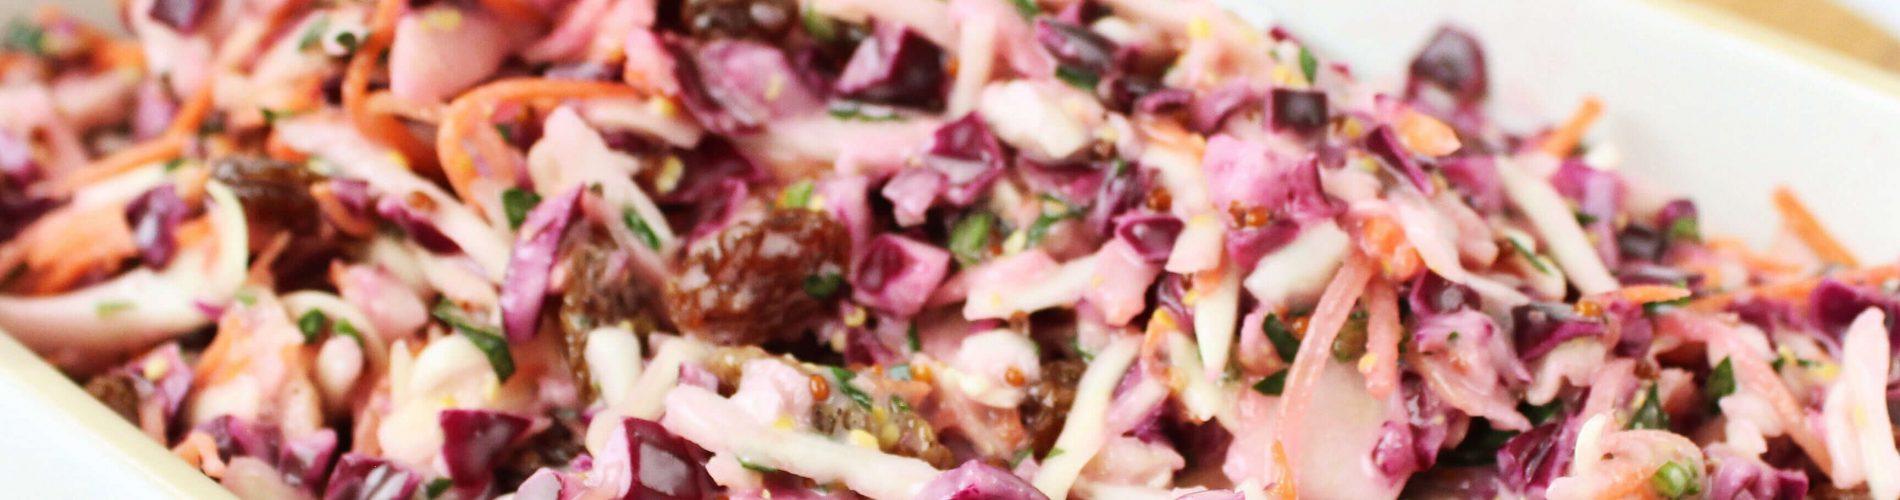 Koolsalade met appel en rozijnen